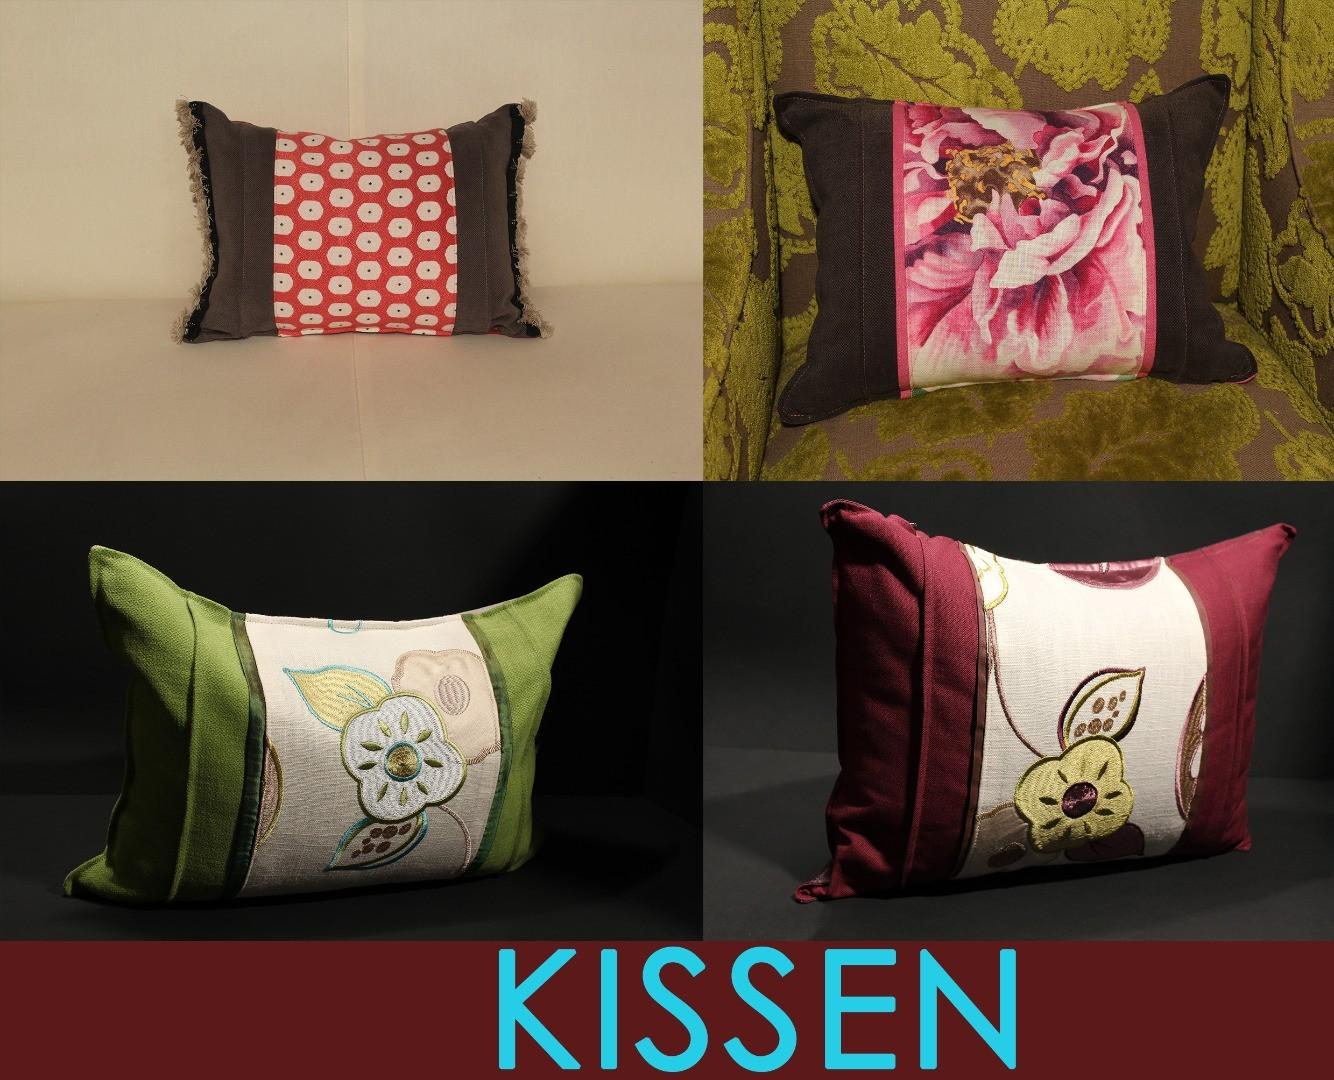 KISSEN.jpg